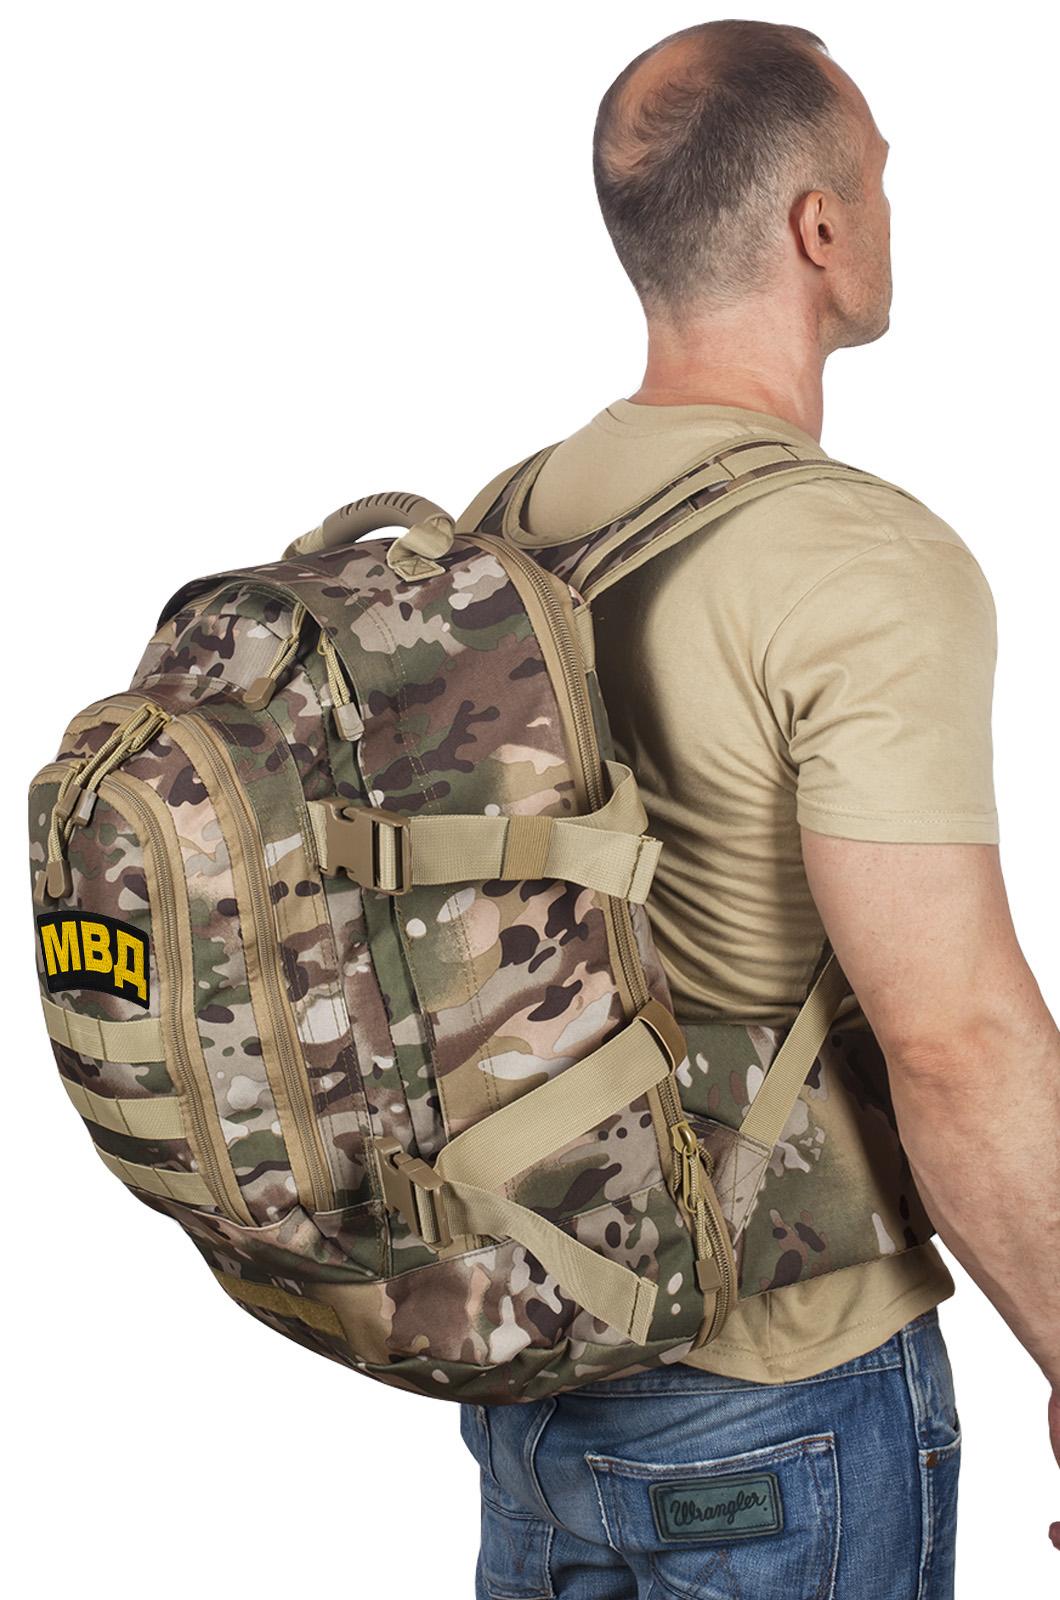 Рейдовый армейский рюкзак с нашивкой МВД - заказать в розницу